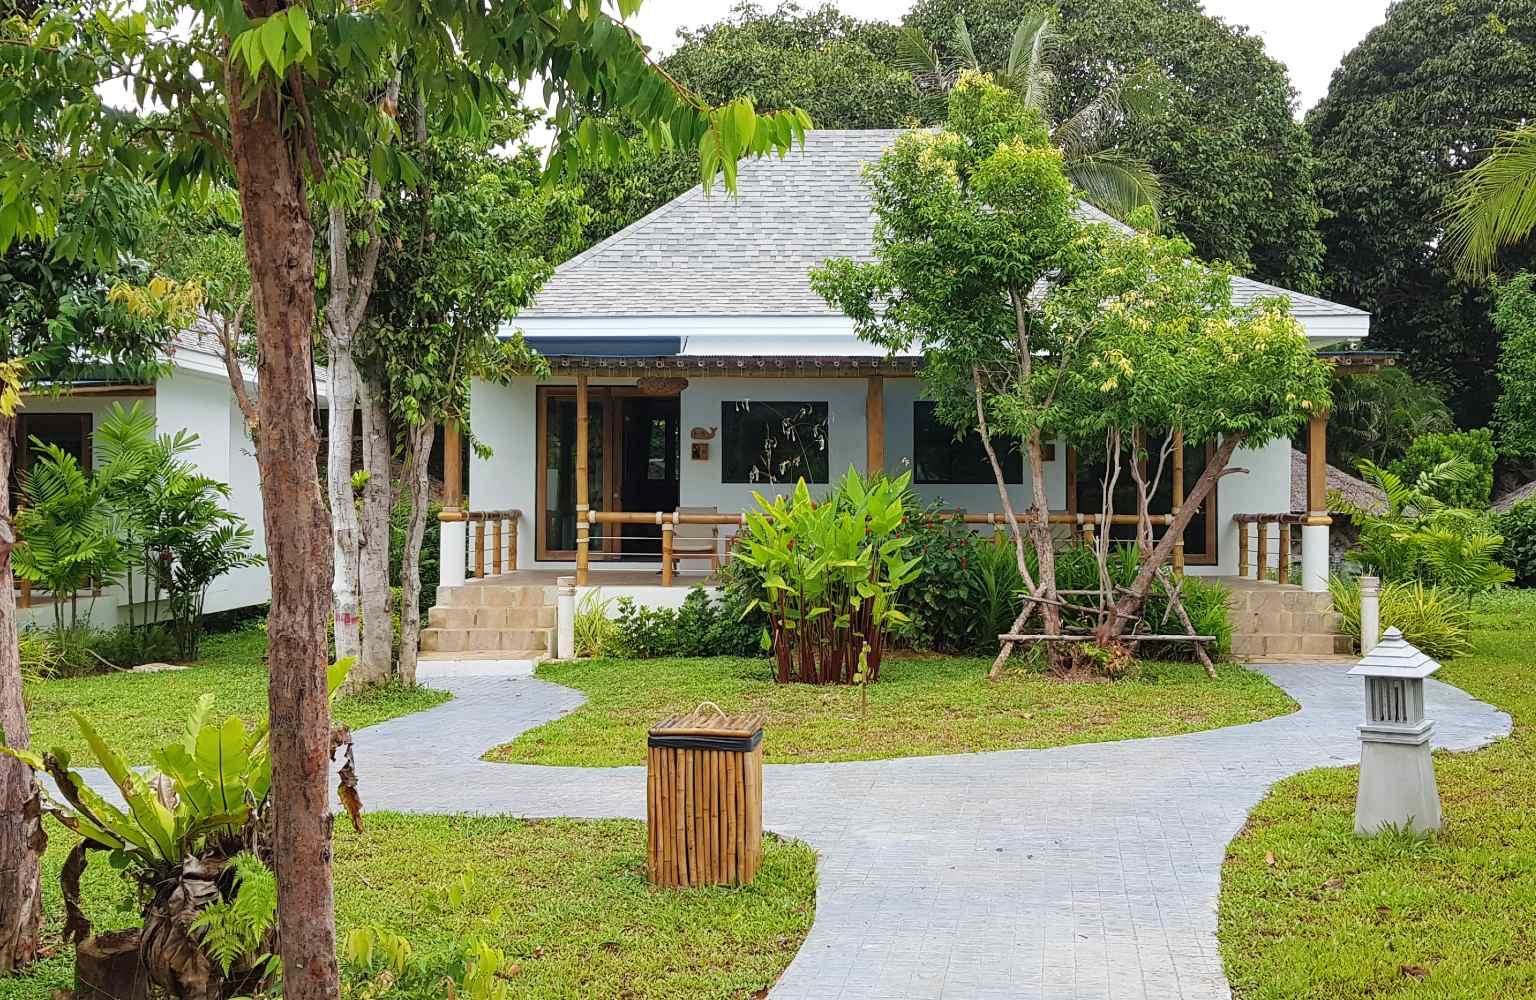 Deluxe Villa by Lanta Casa Blanca on Koh Lanta, Thailand